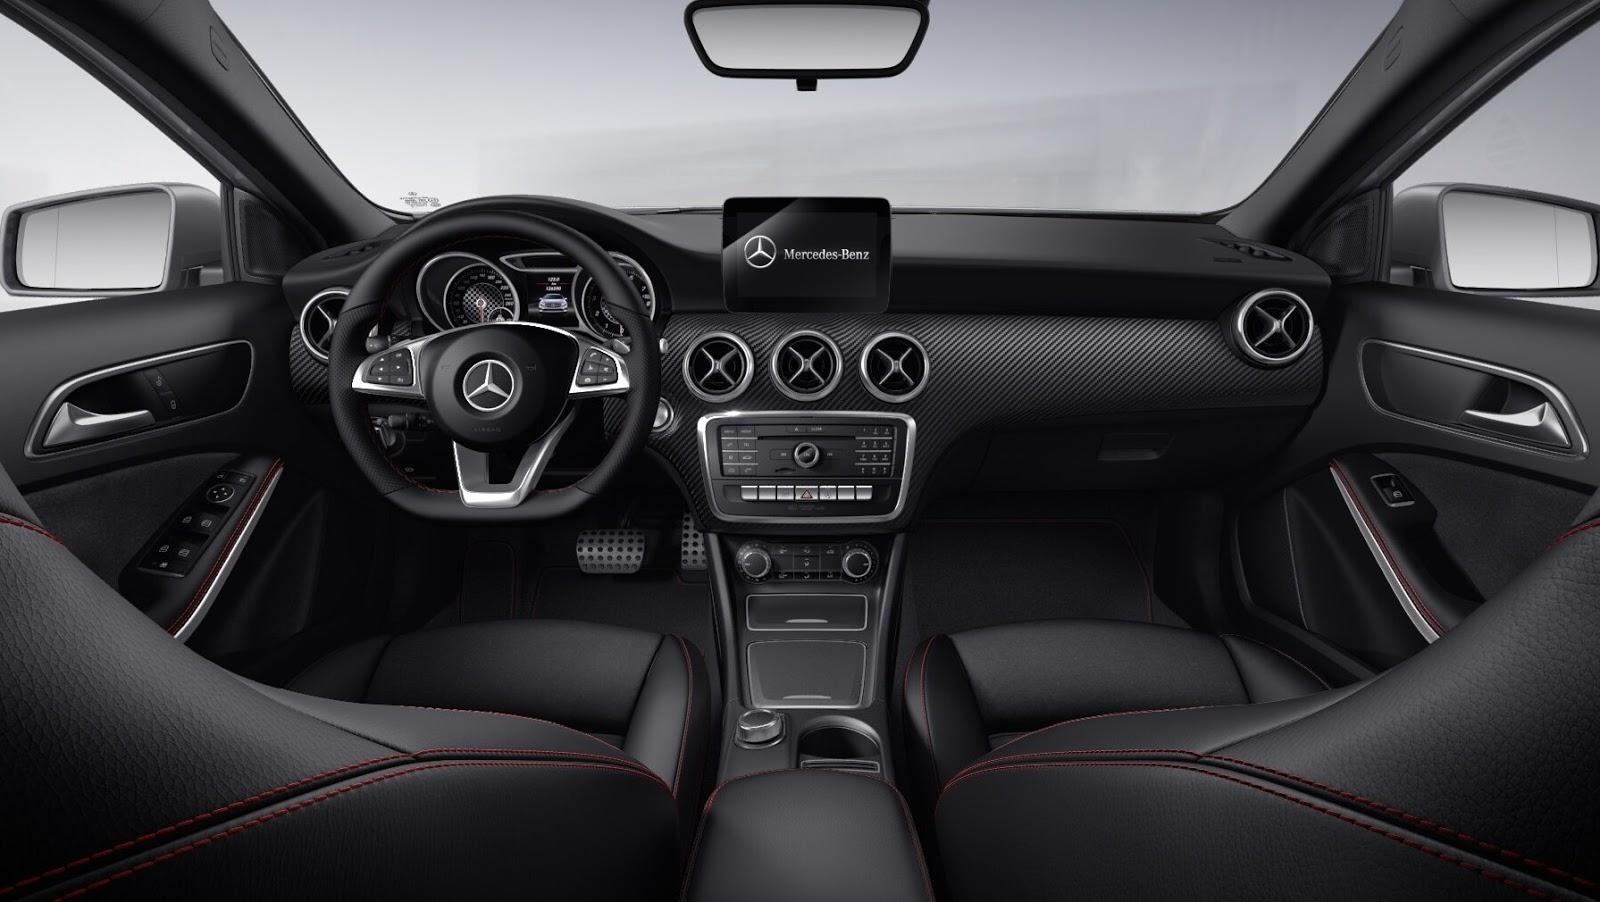 Lanzamiento mercedes benz clase a facelift autoblog for Mercedes benz clase c 2017 precio